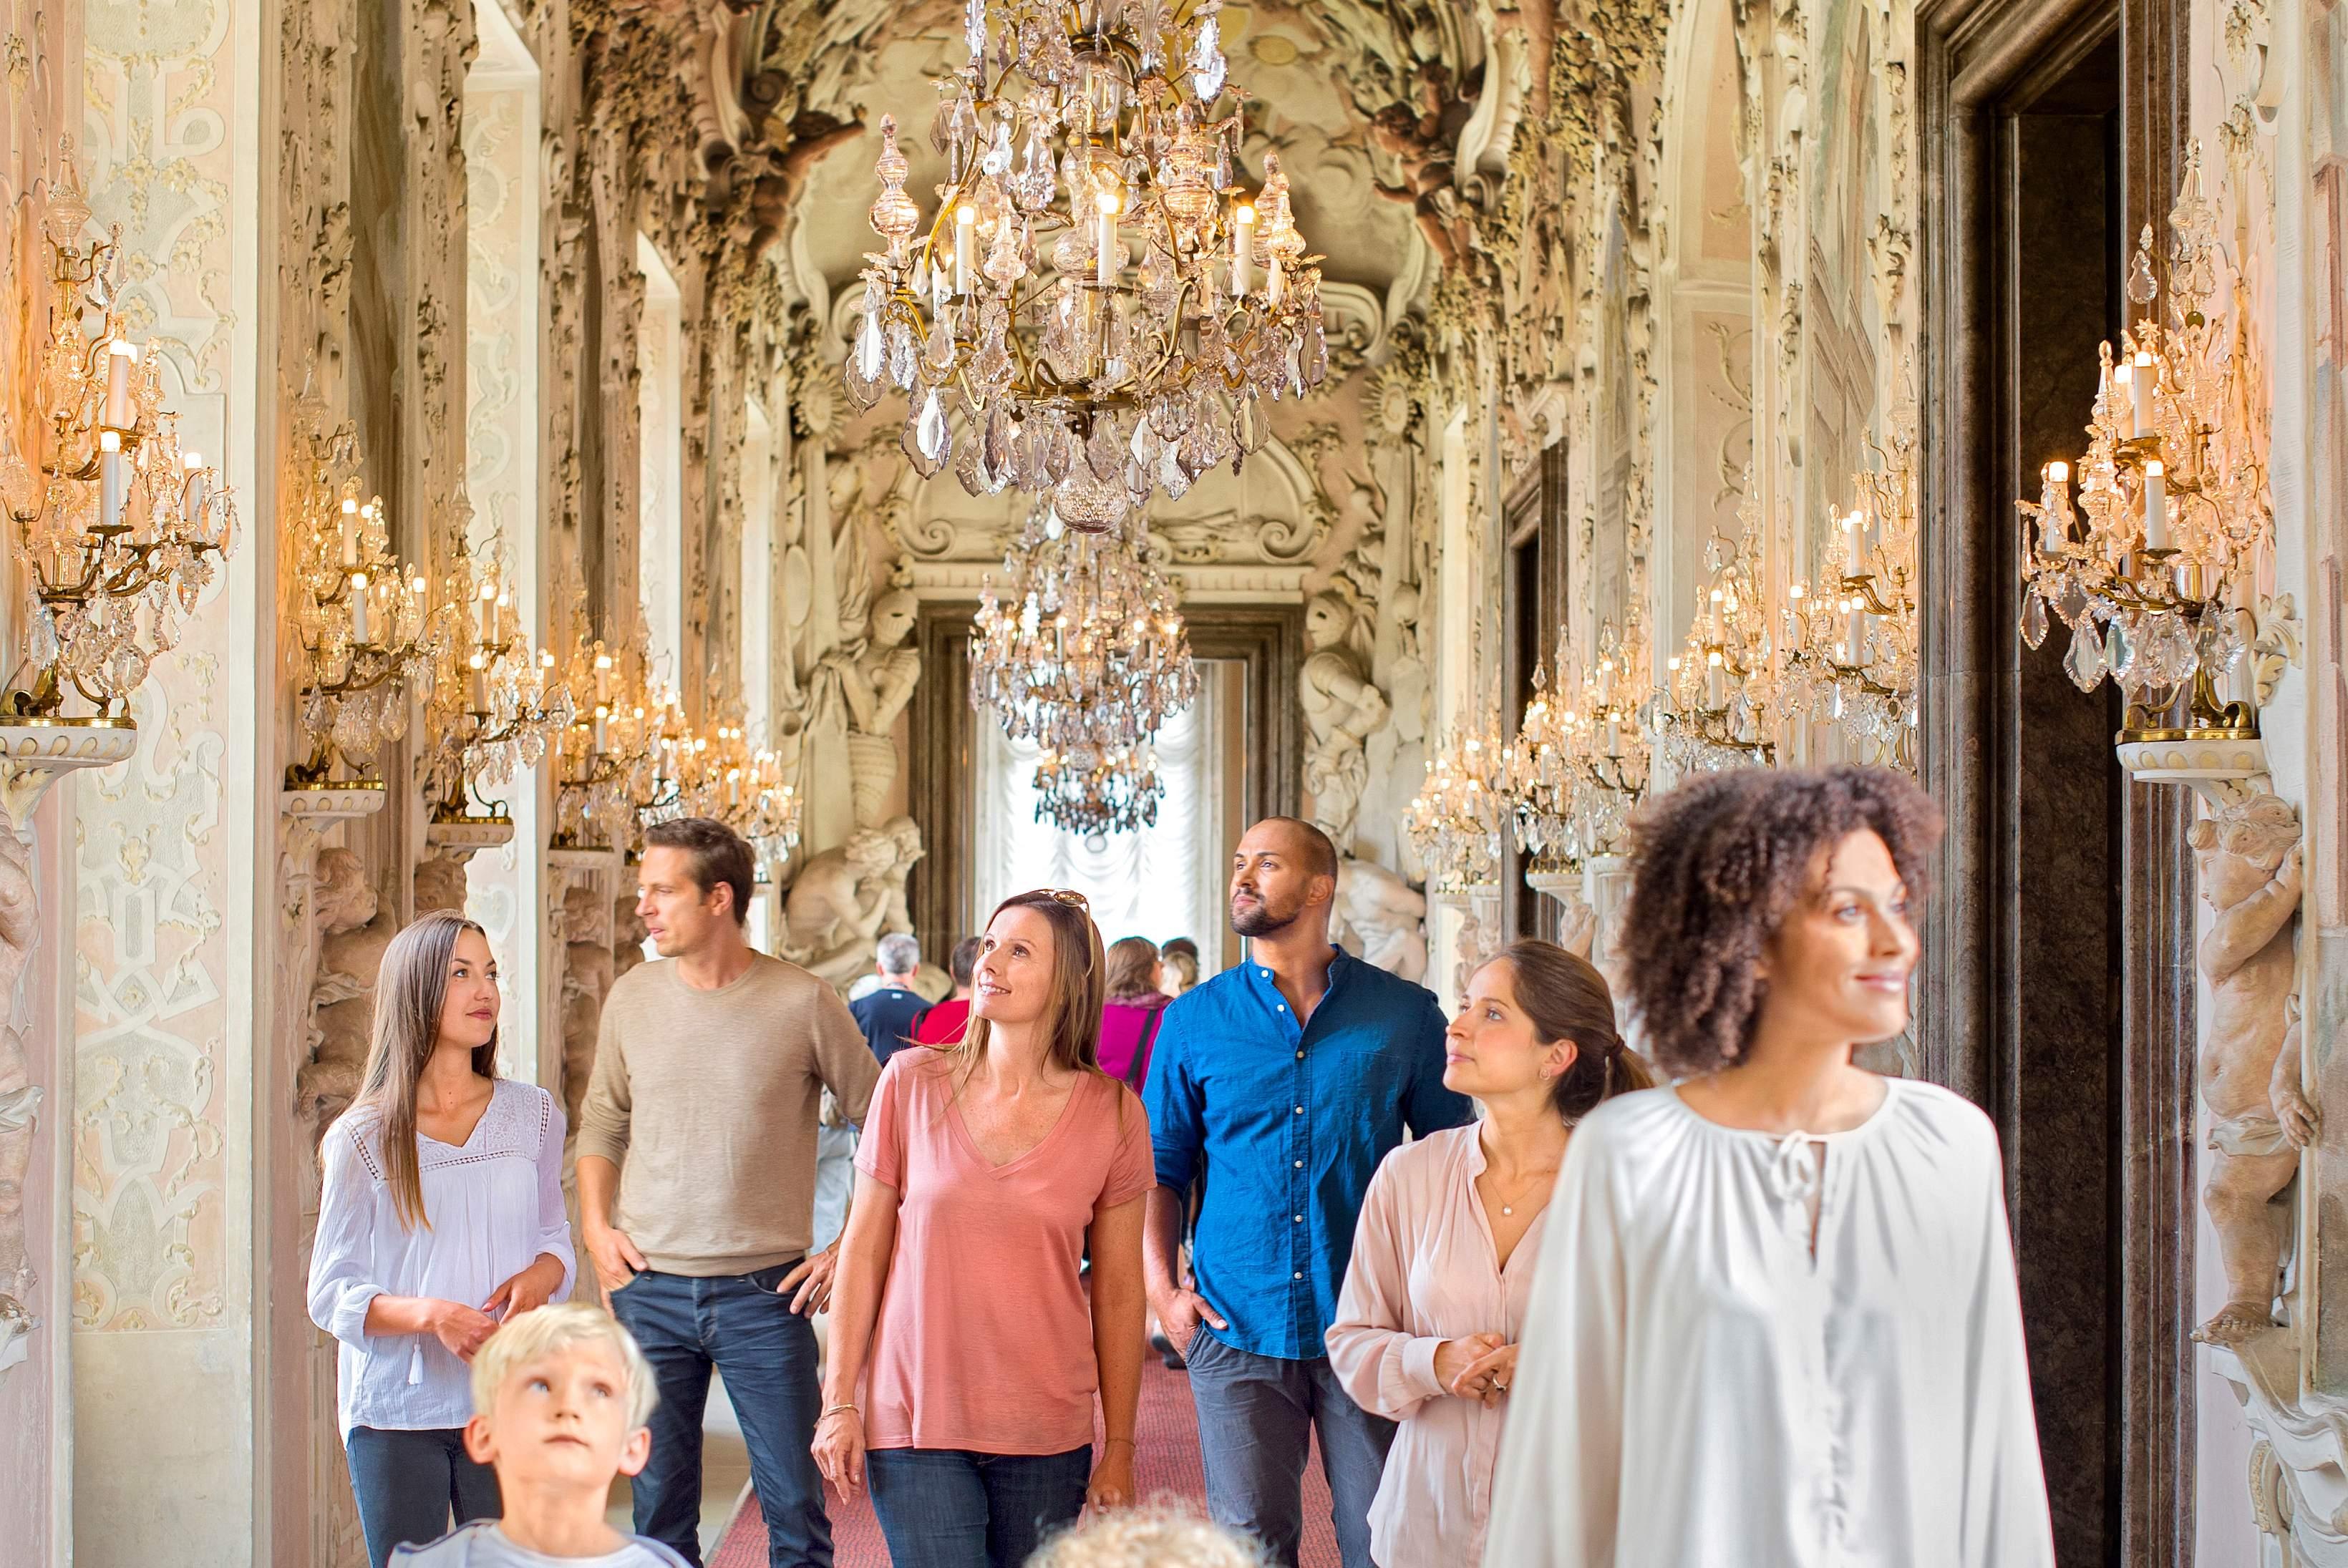 Besucher in Residenzschloss Ludwigsburg